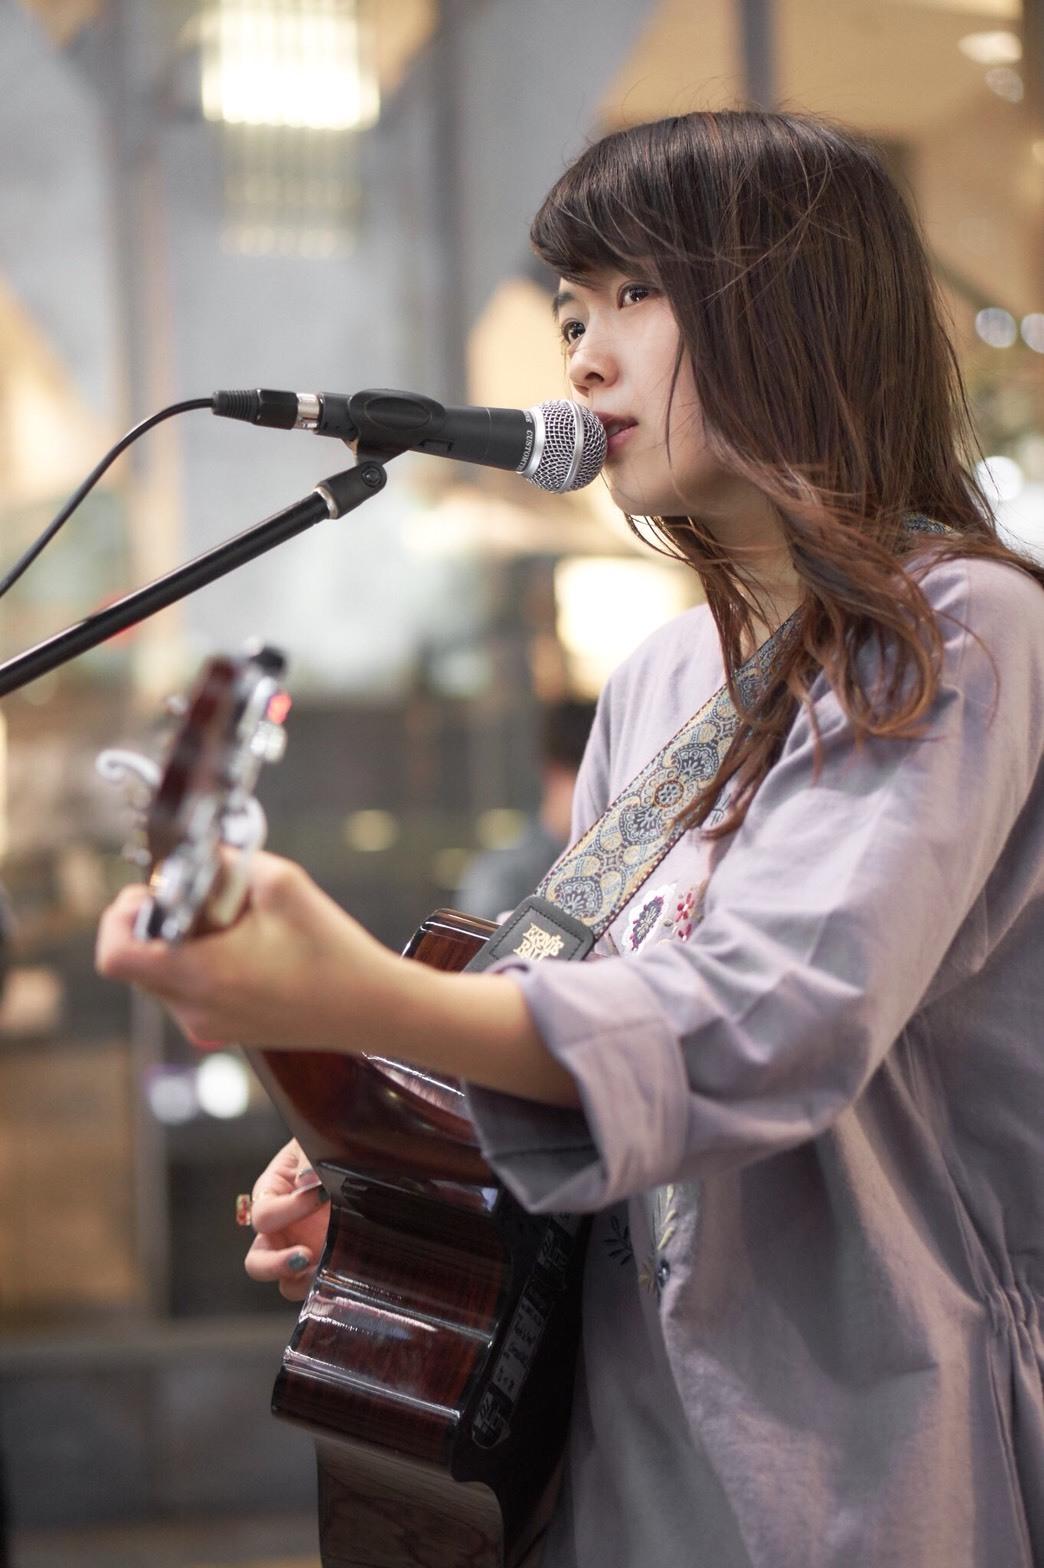 【8/19渋谷eggmanワンマンライブOPEN前に、あなたのために歌いますプラン】